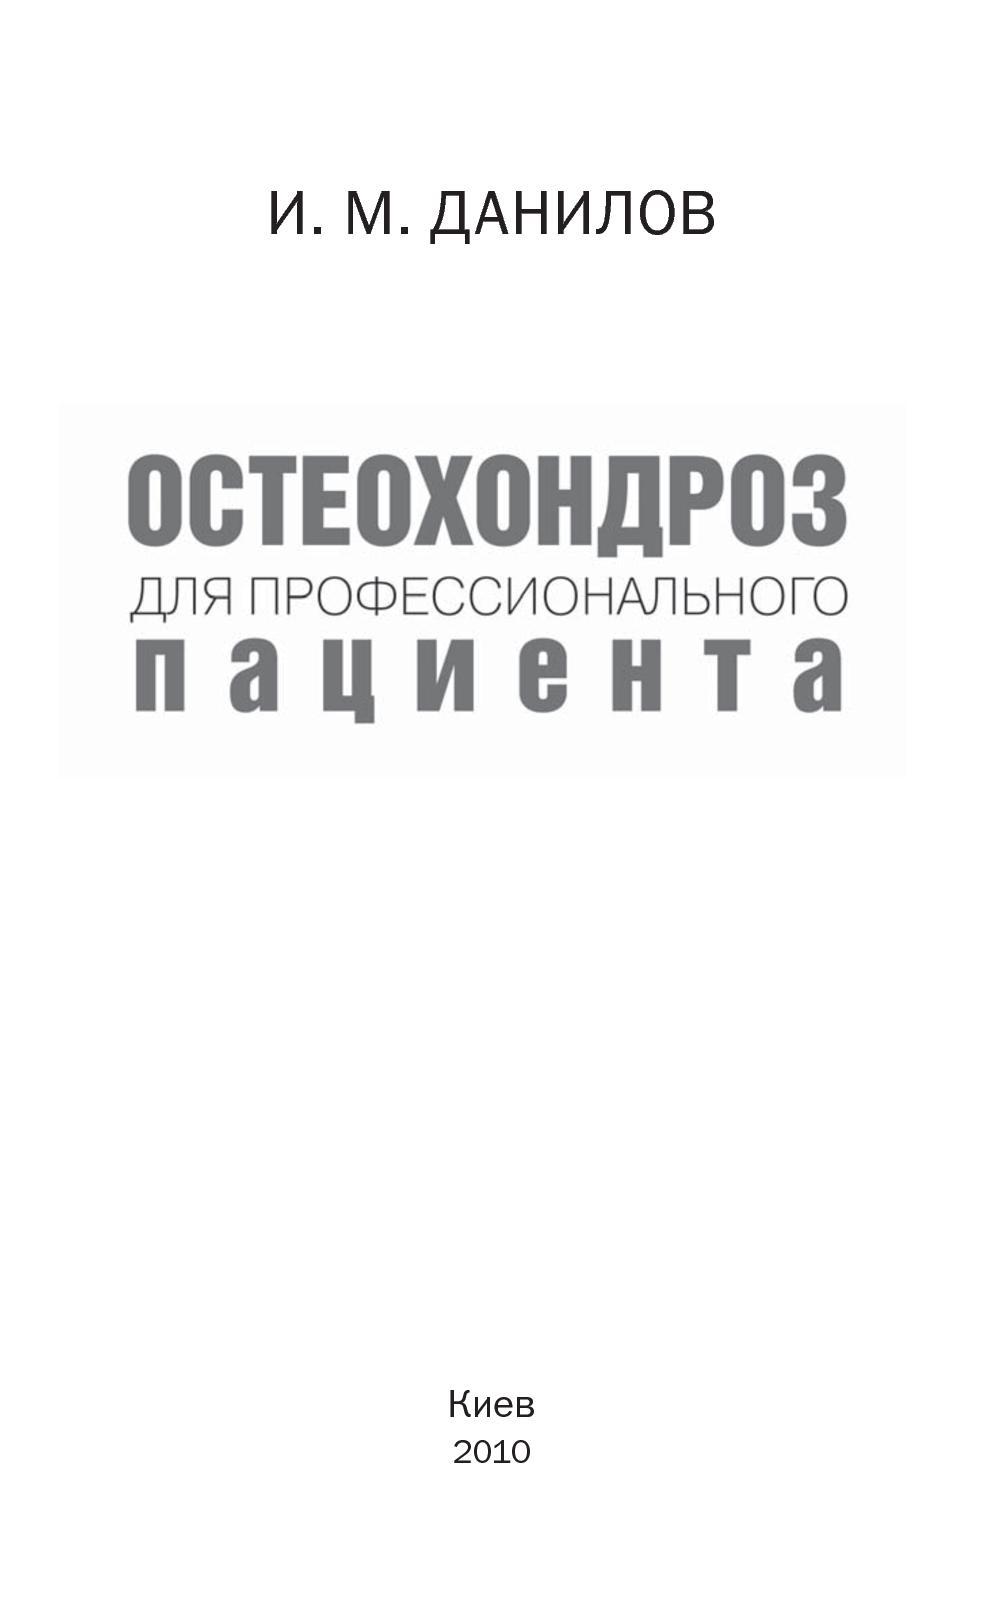 Гели для зубов GC Tooth Mousse, купить в Киеве - цены по